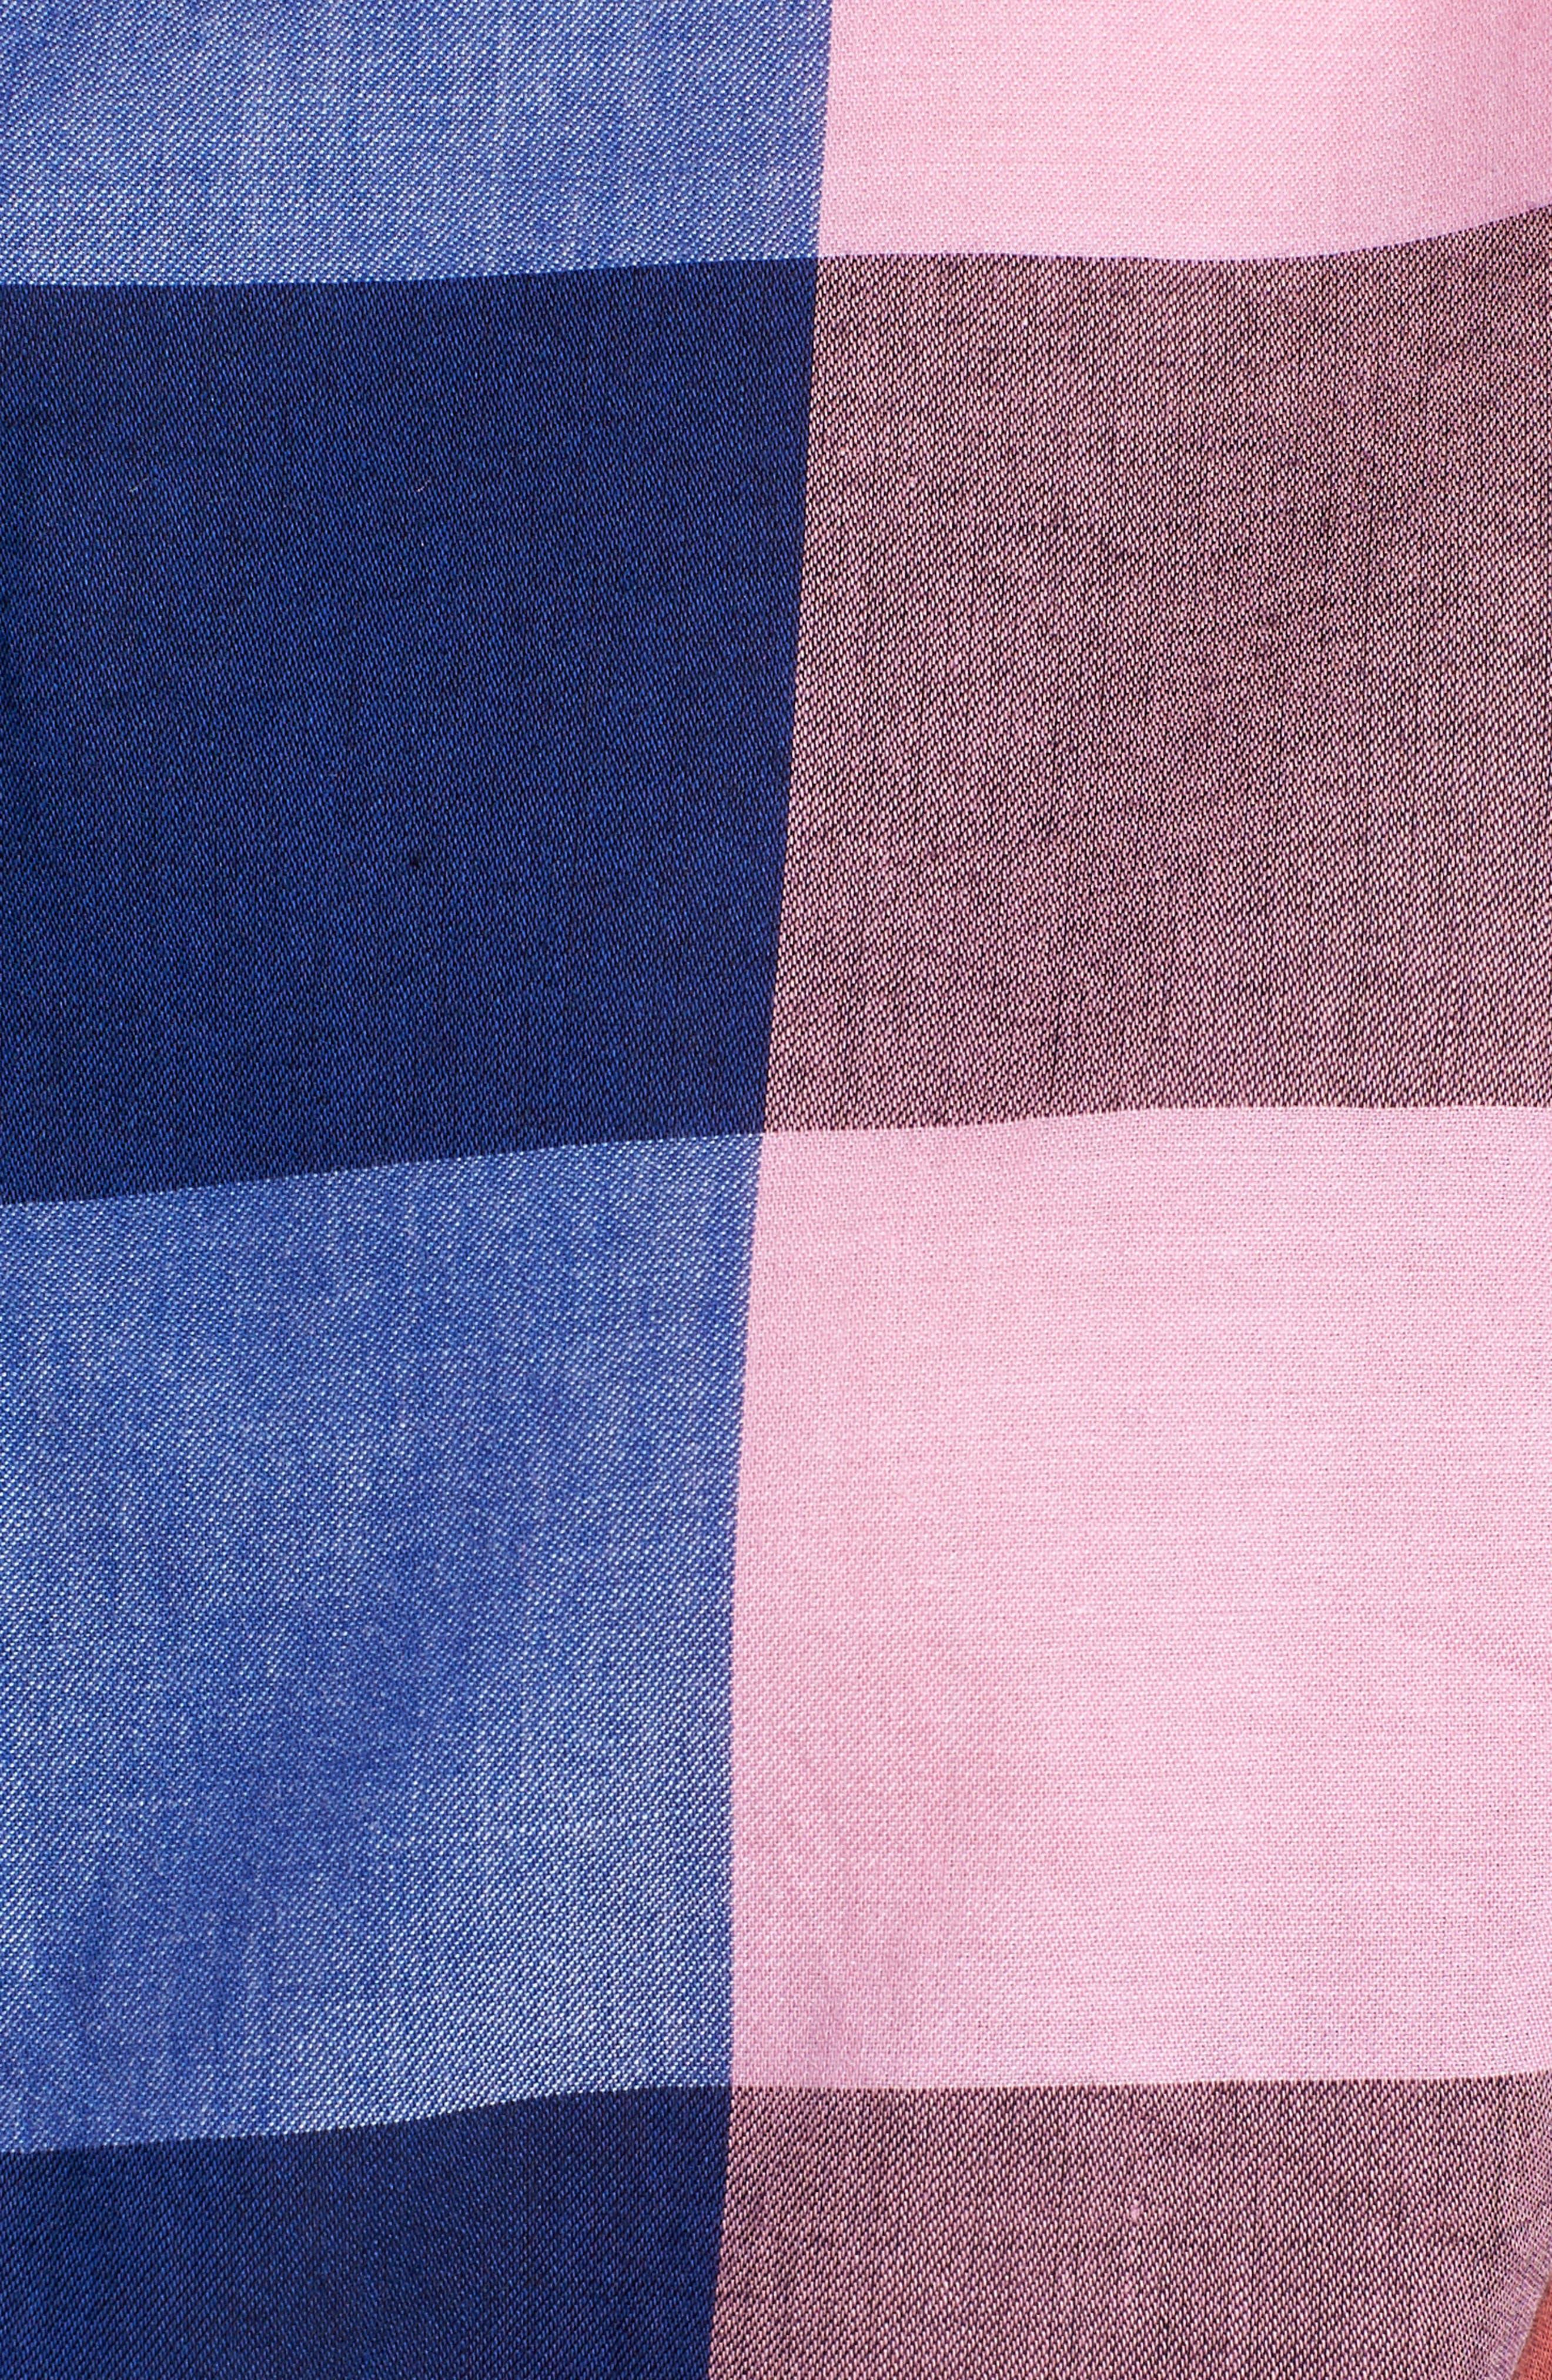 Plaid Cotton Button-Down Shirt,                             Alternate thumbnail 5, color,                             401